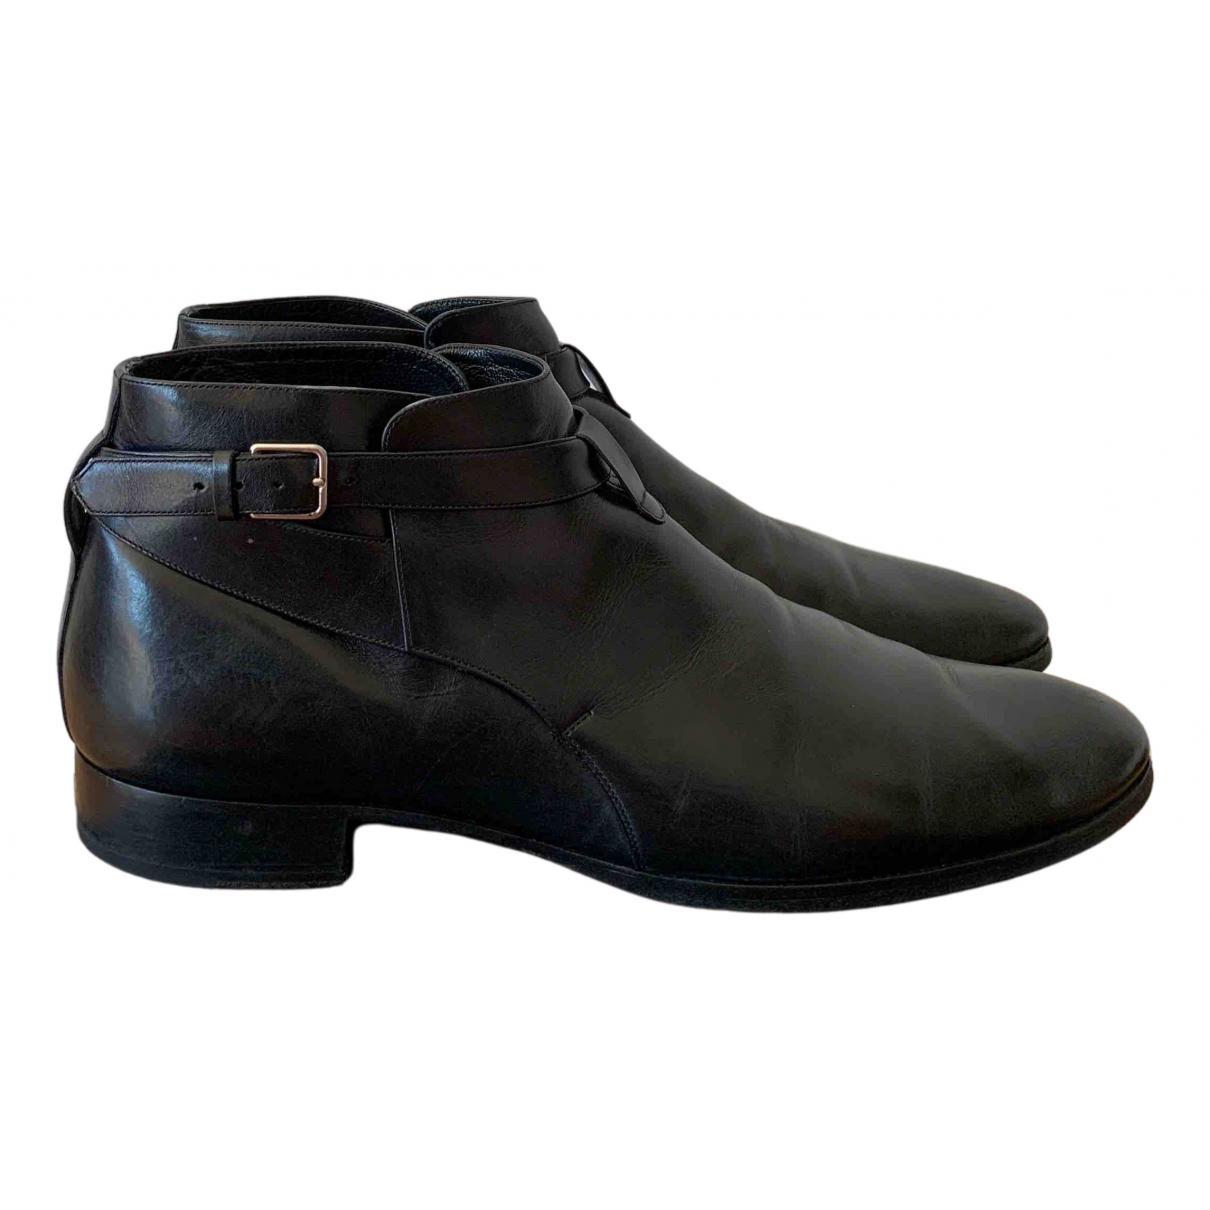 Saint Laurent - Bottes.Boots Connor Jodphur pour homme en cuir - noir